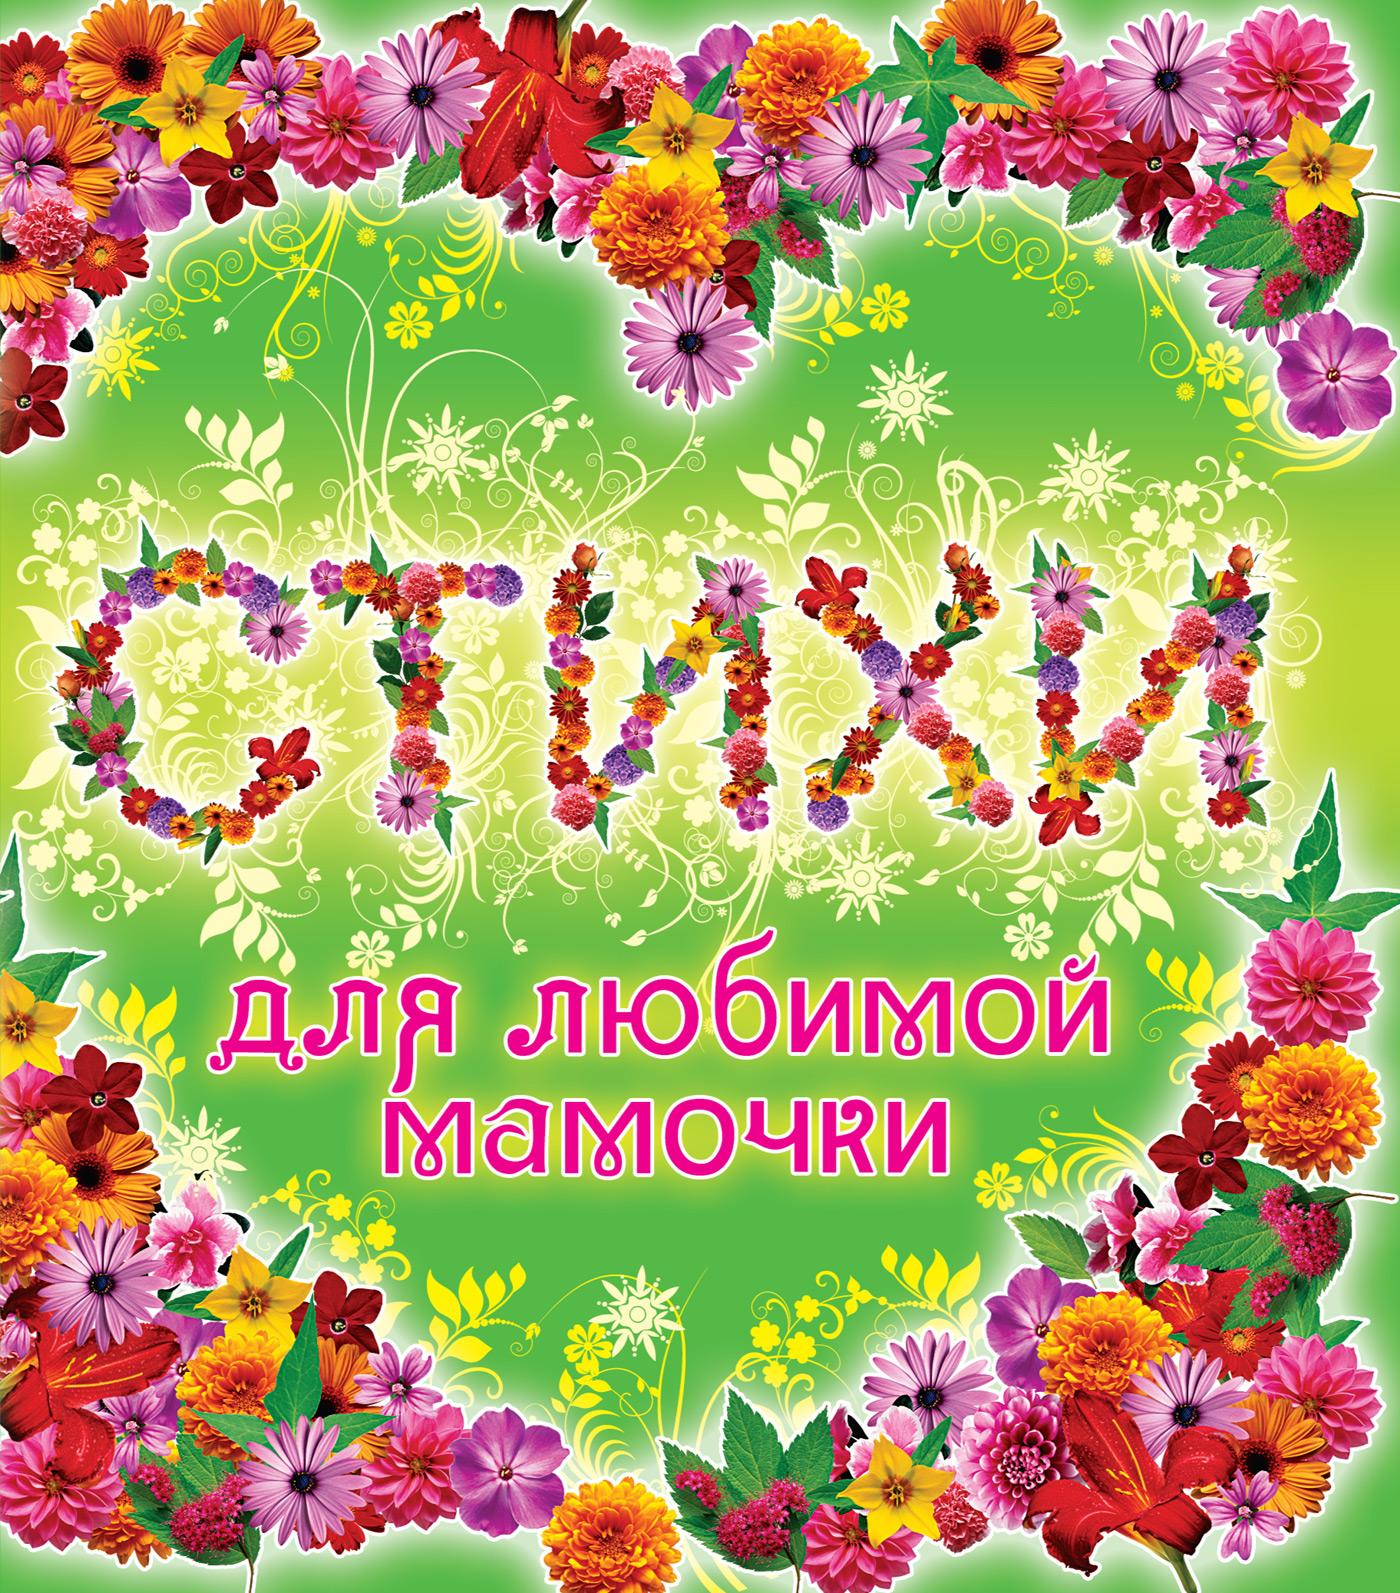 Екатерина Неволина Стихи для любимой мамочки носочки для любимой мамочки canned socks 415881